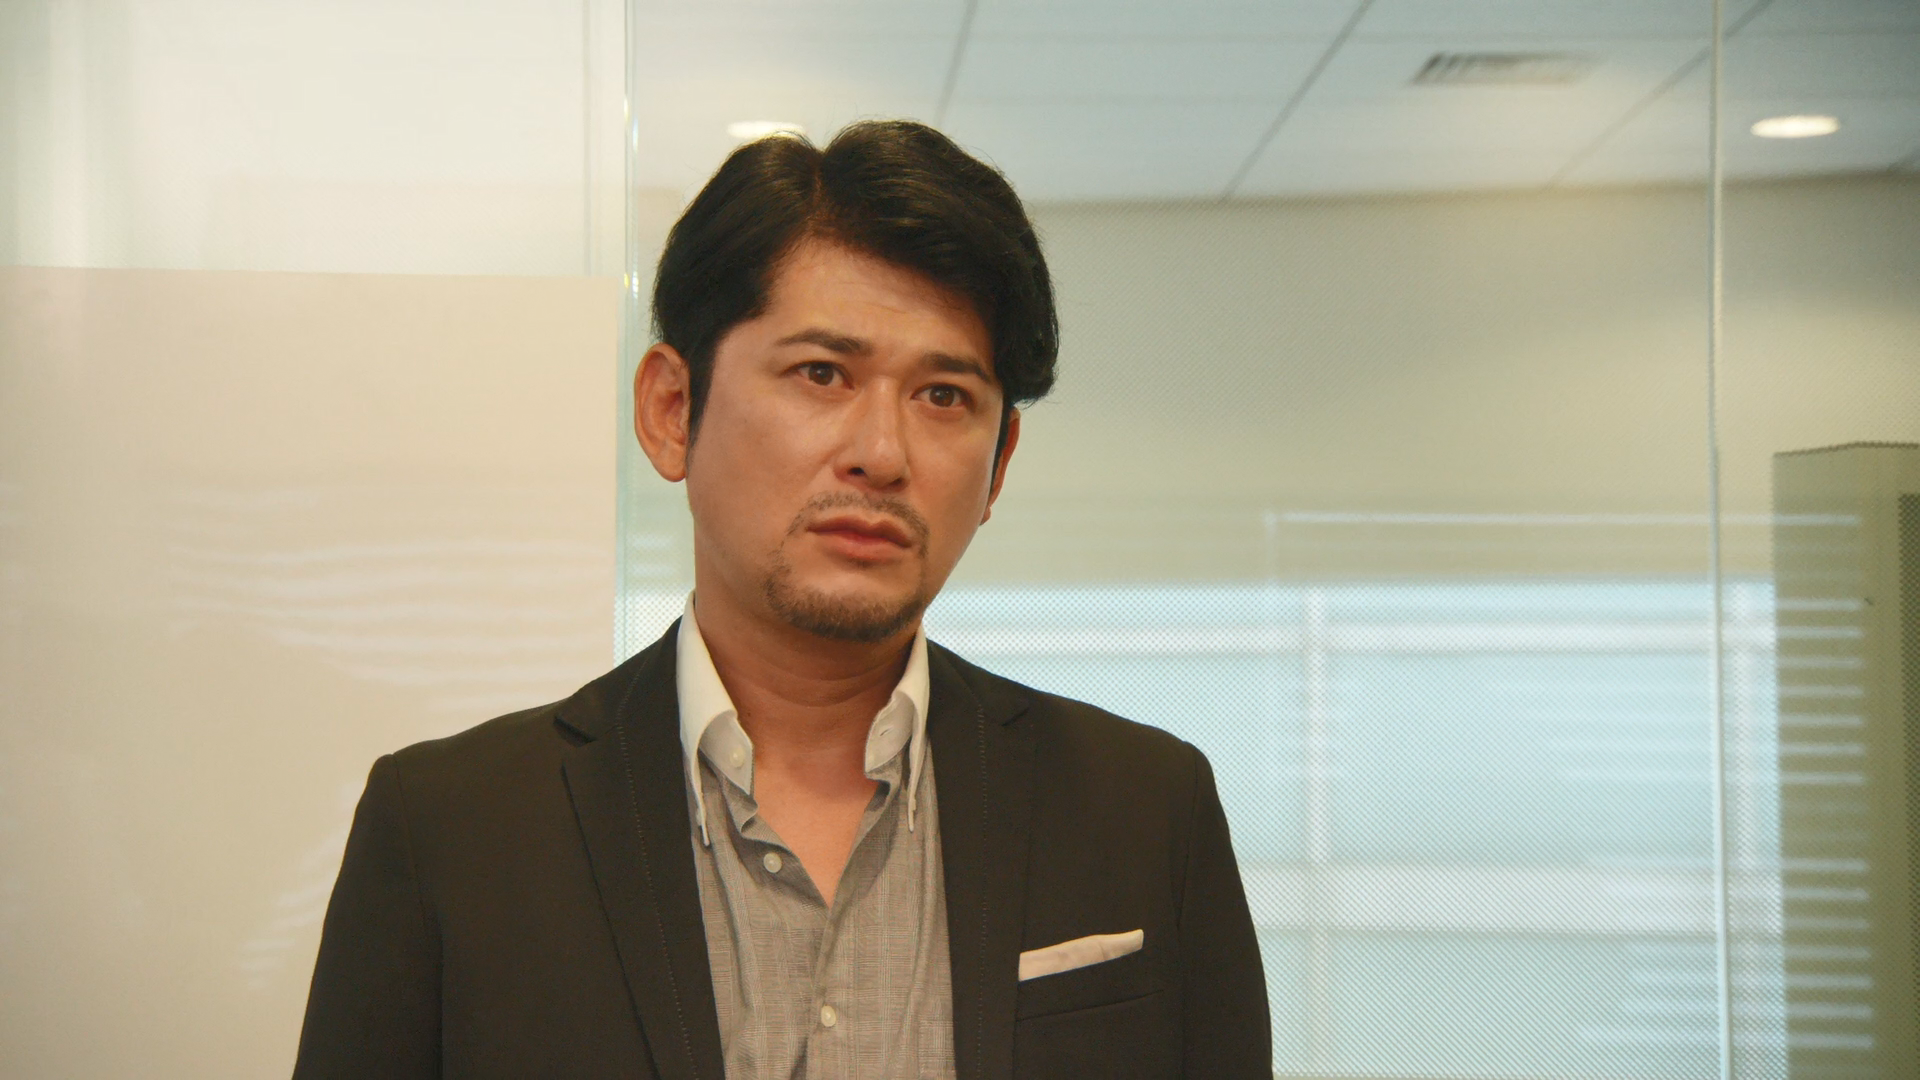 Nobuyoshi Hashiba